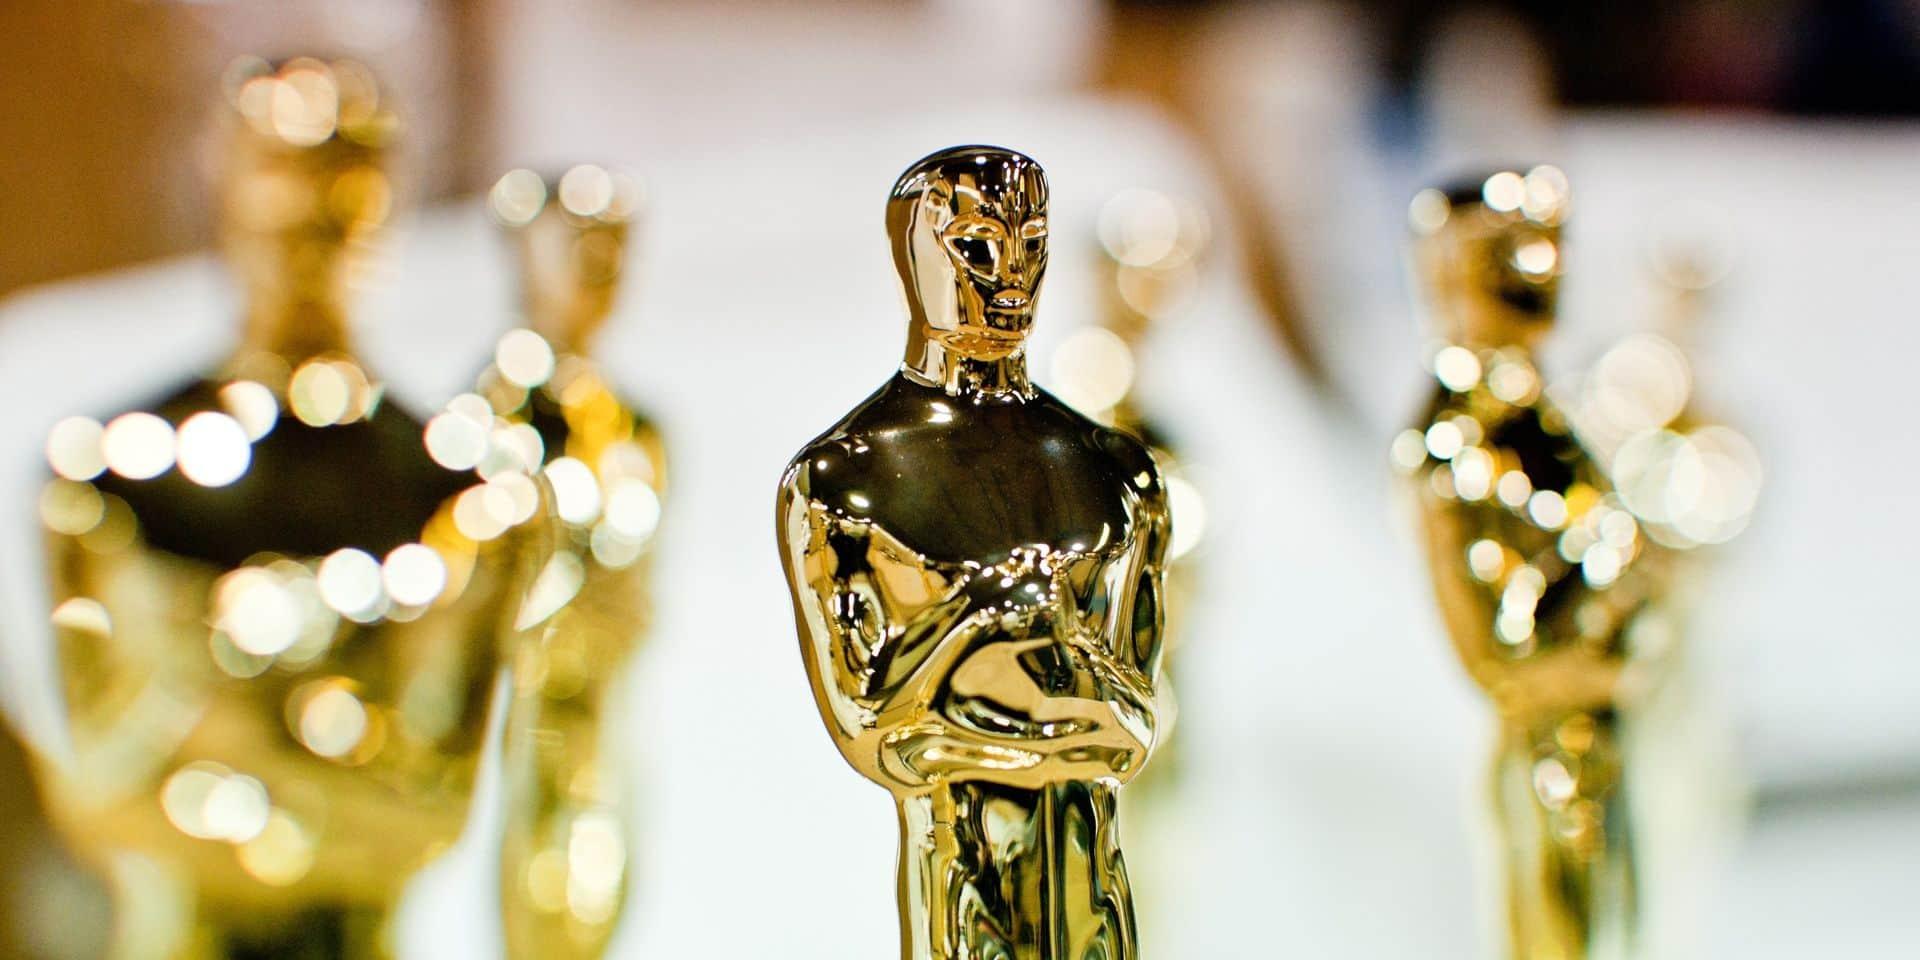 Le film belge 'Filles de joie' ne fait pas partie de la pré-sélection aux Oscars